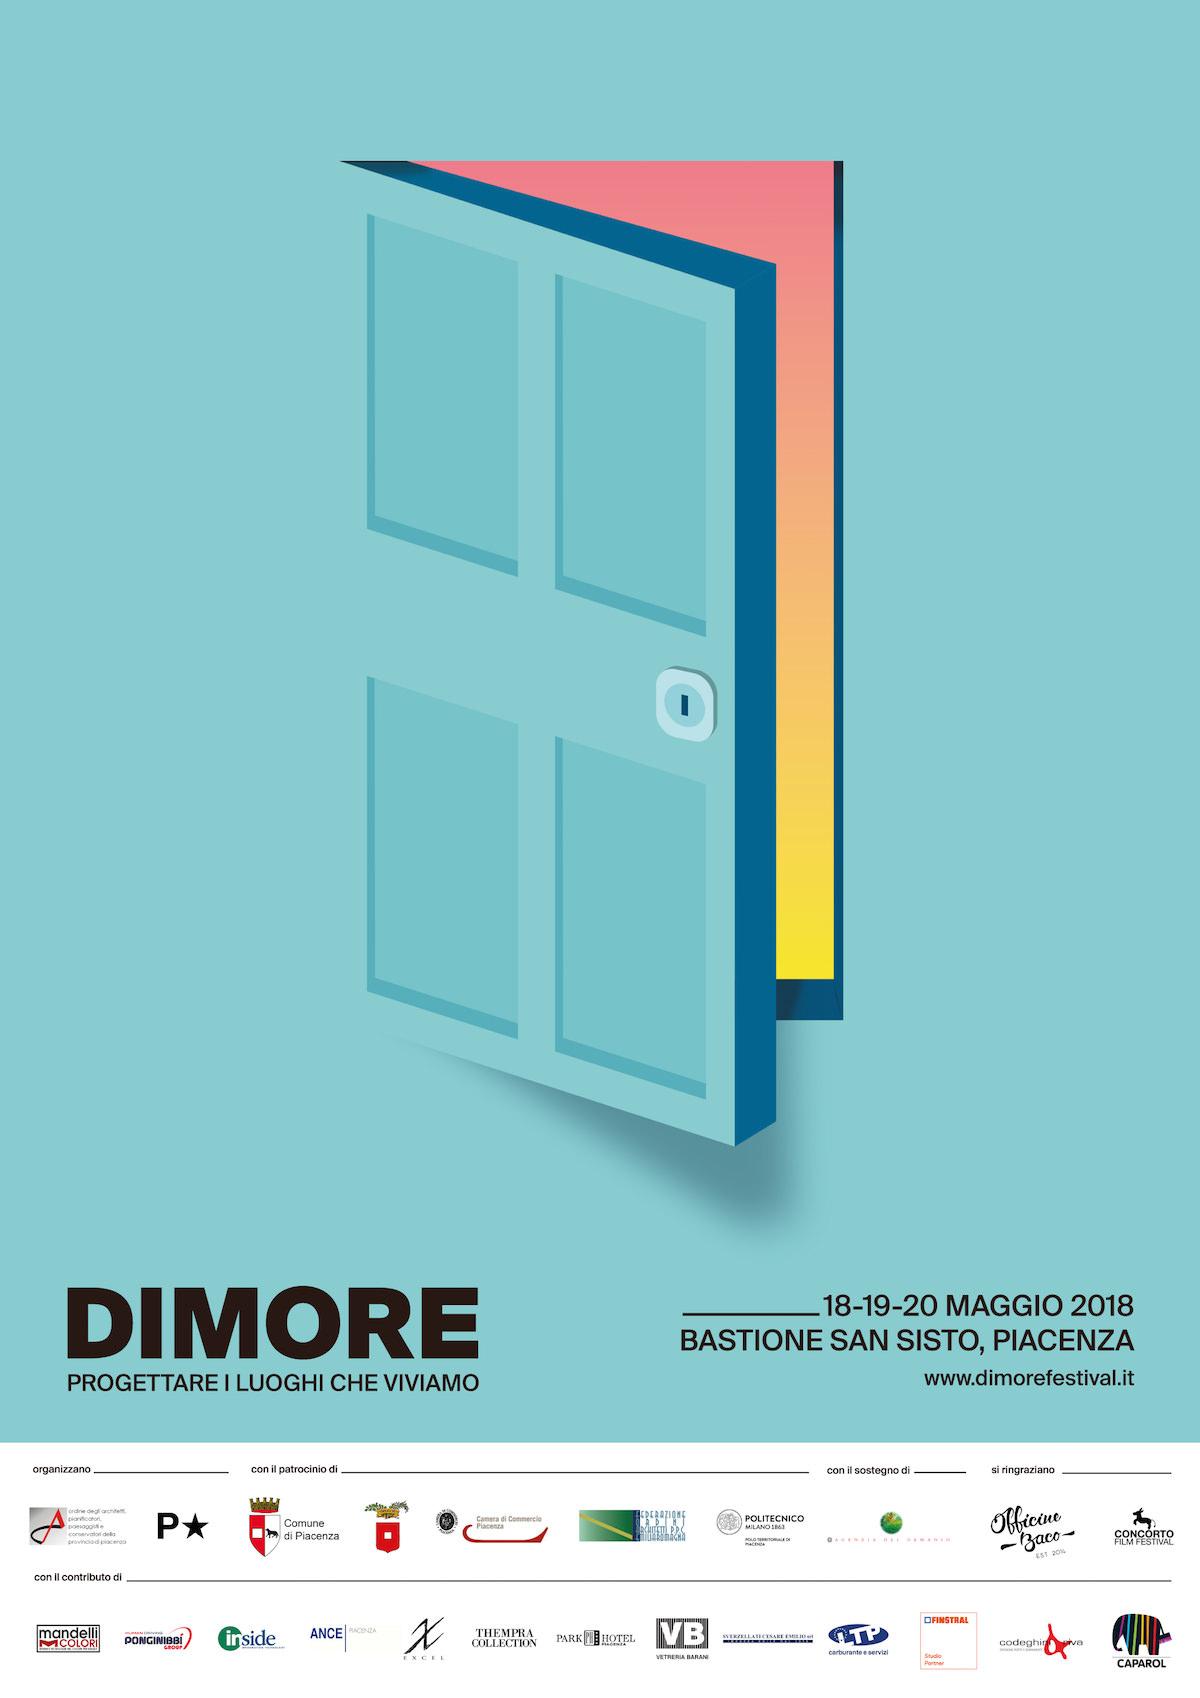 festival Dimore